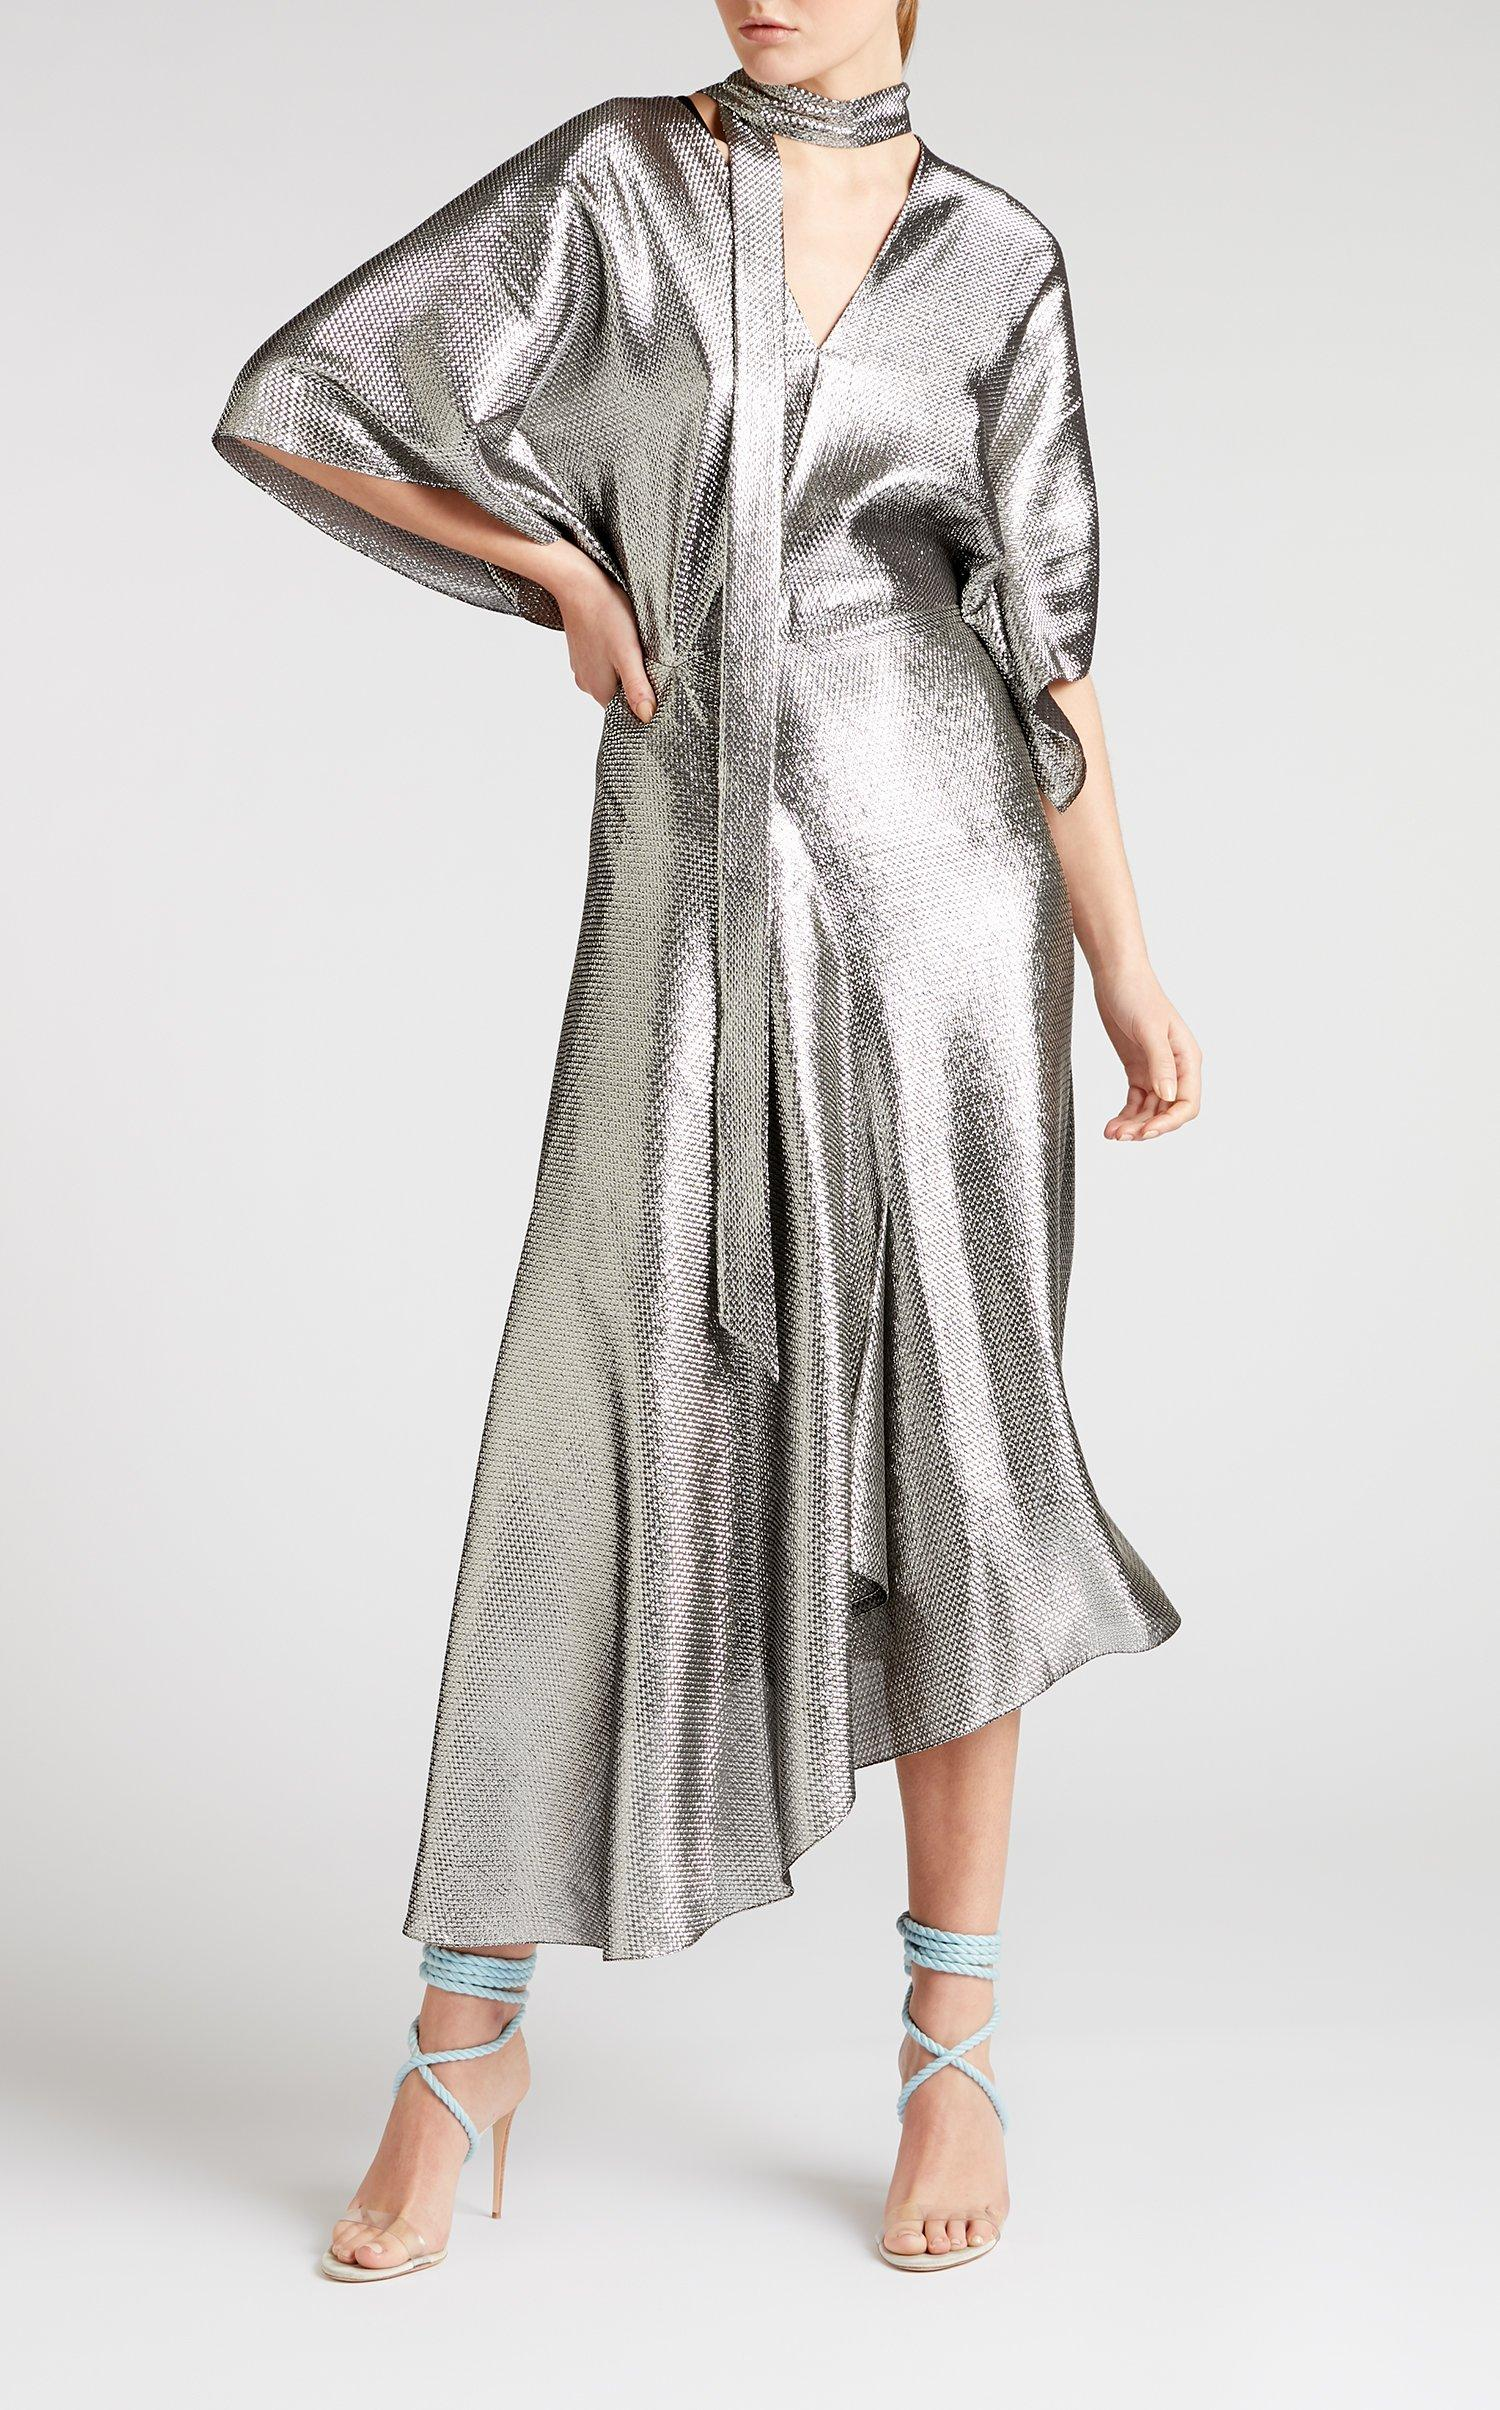 321dd49a903 Roland Mouret. Women s Metallic Meyers Dress.  3